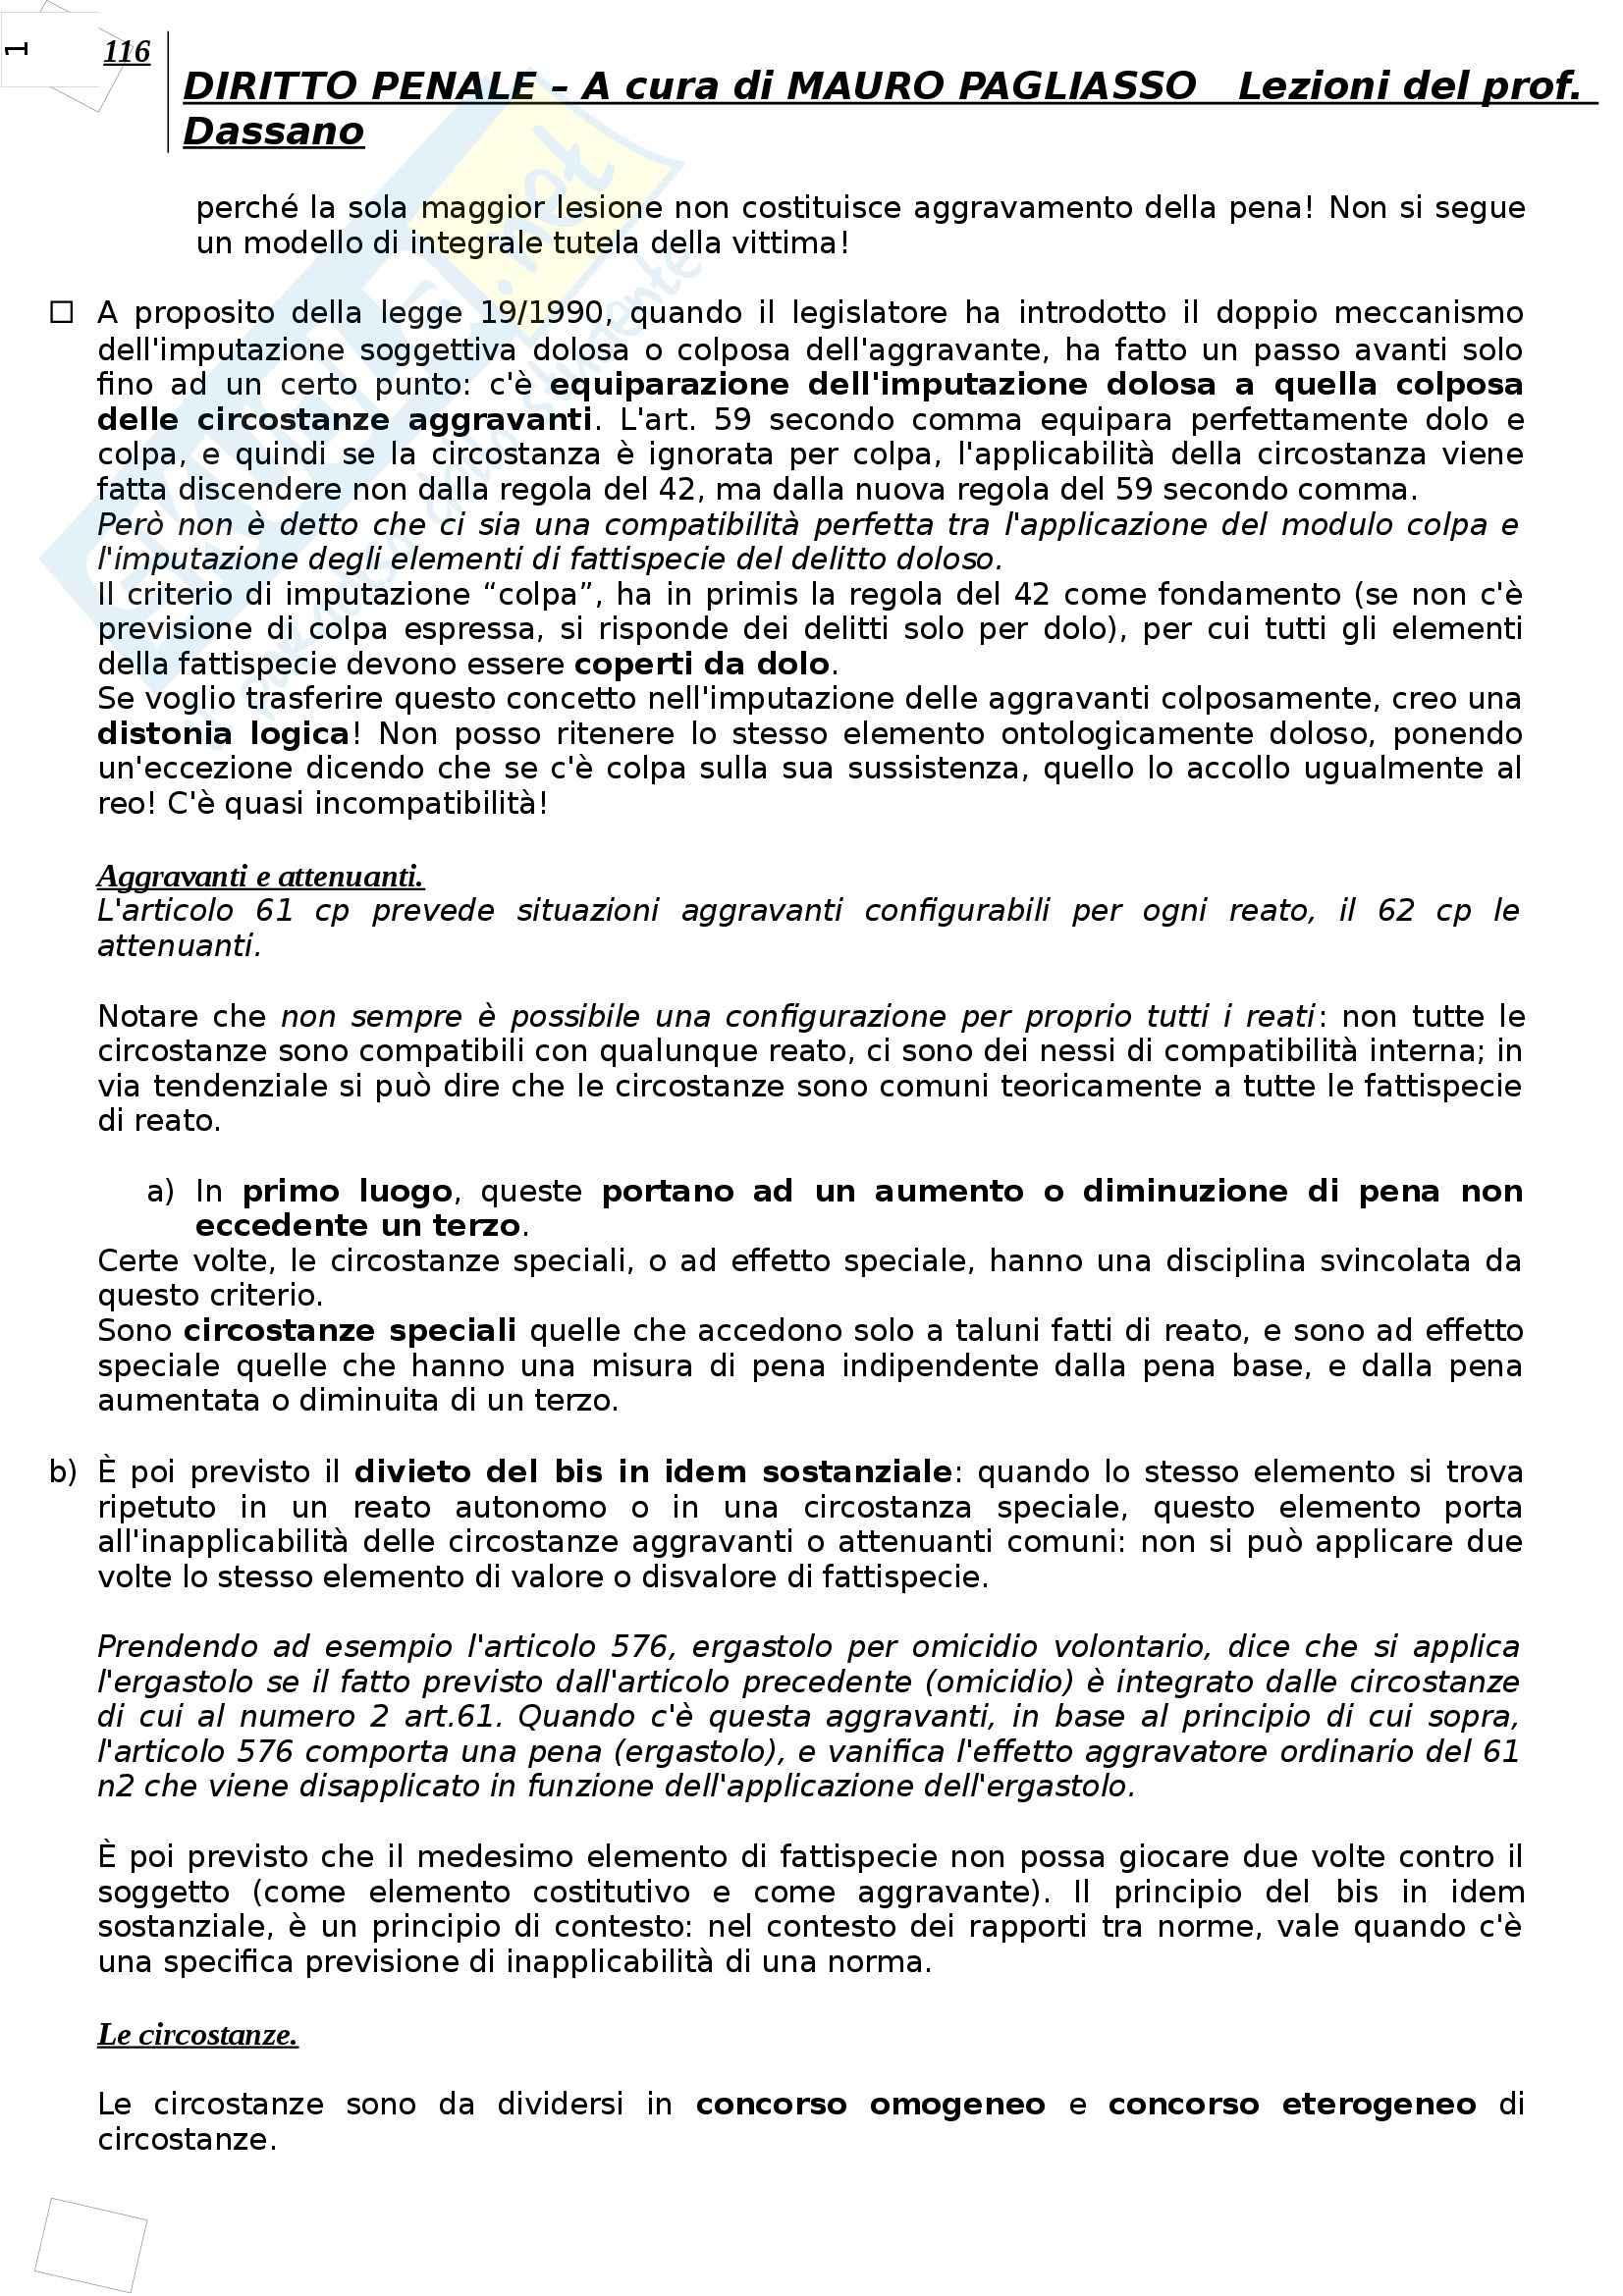 Diritto penale - Appunti Pag. 116